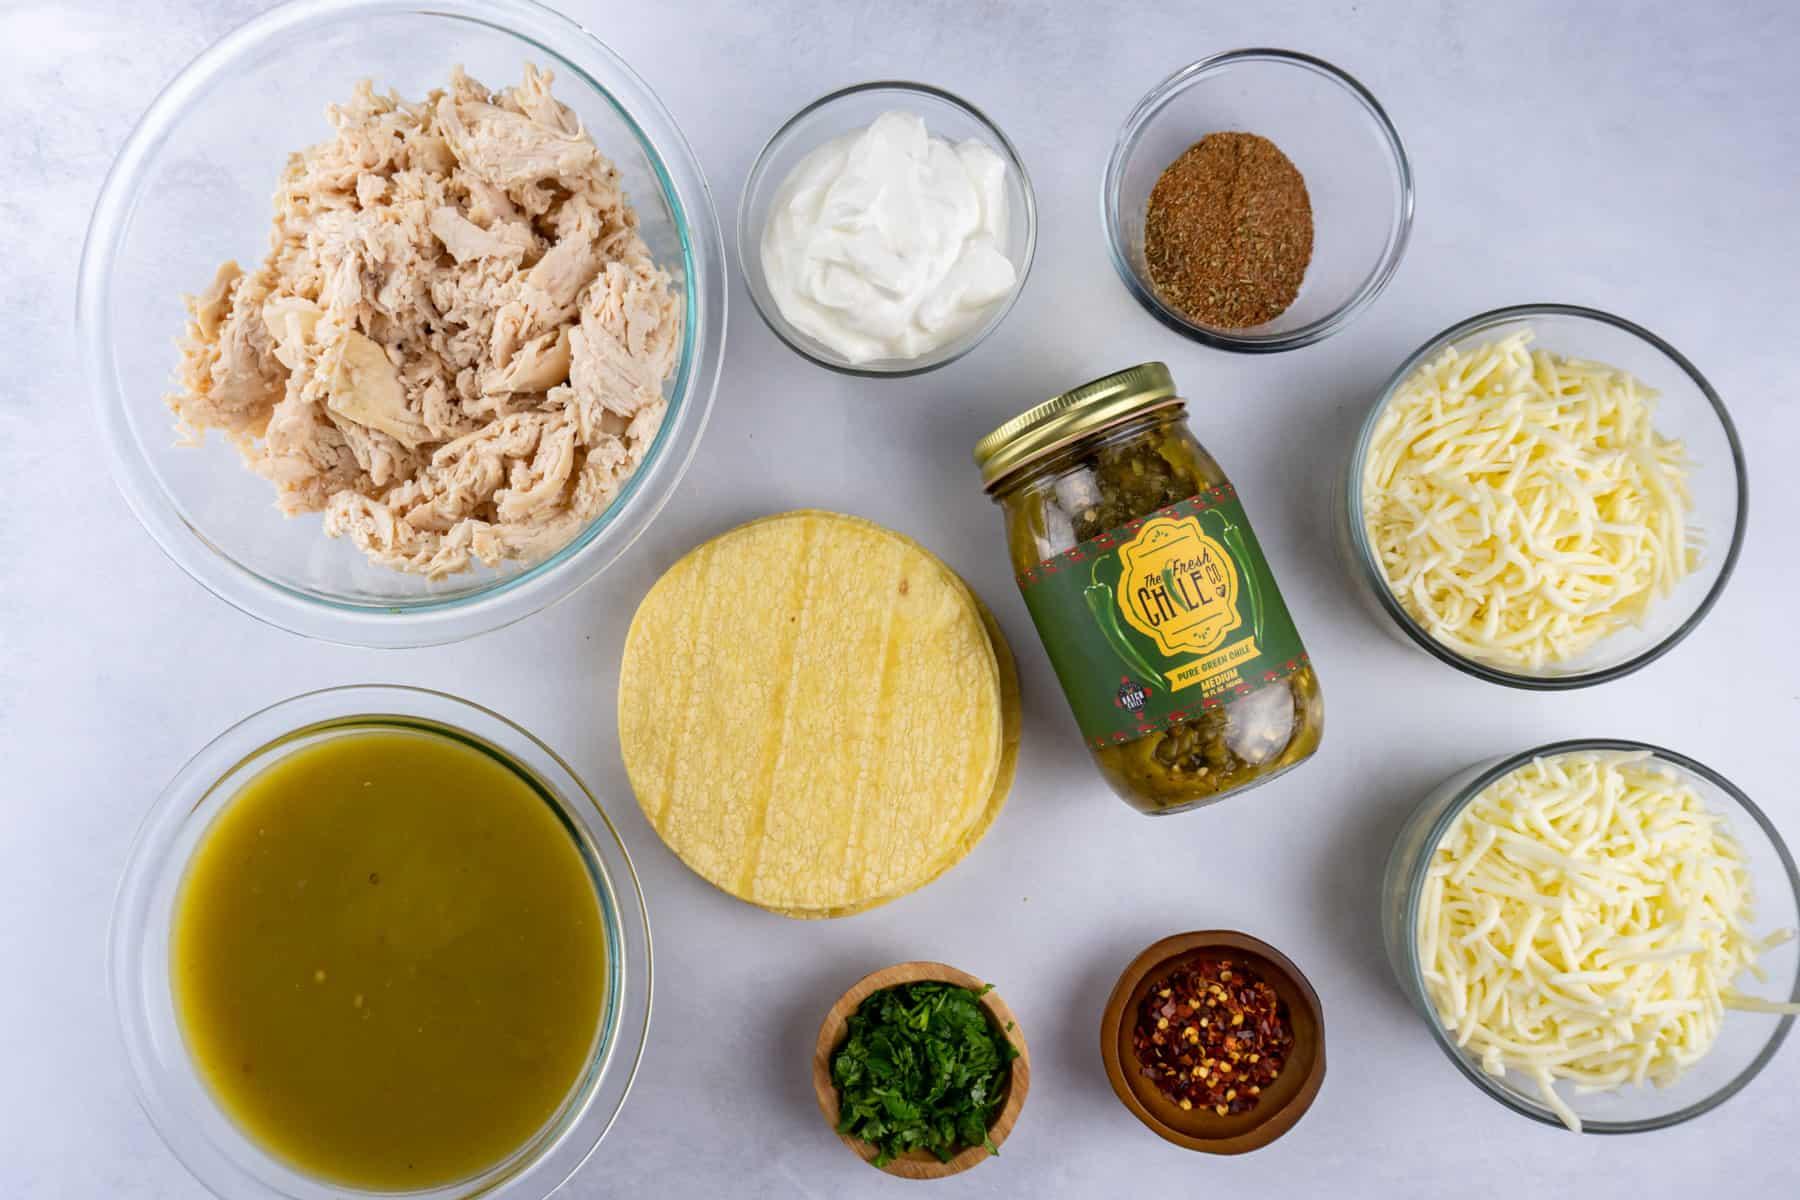 green chile chicken enchilada ingredients